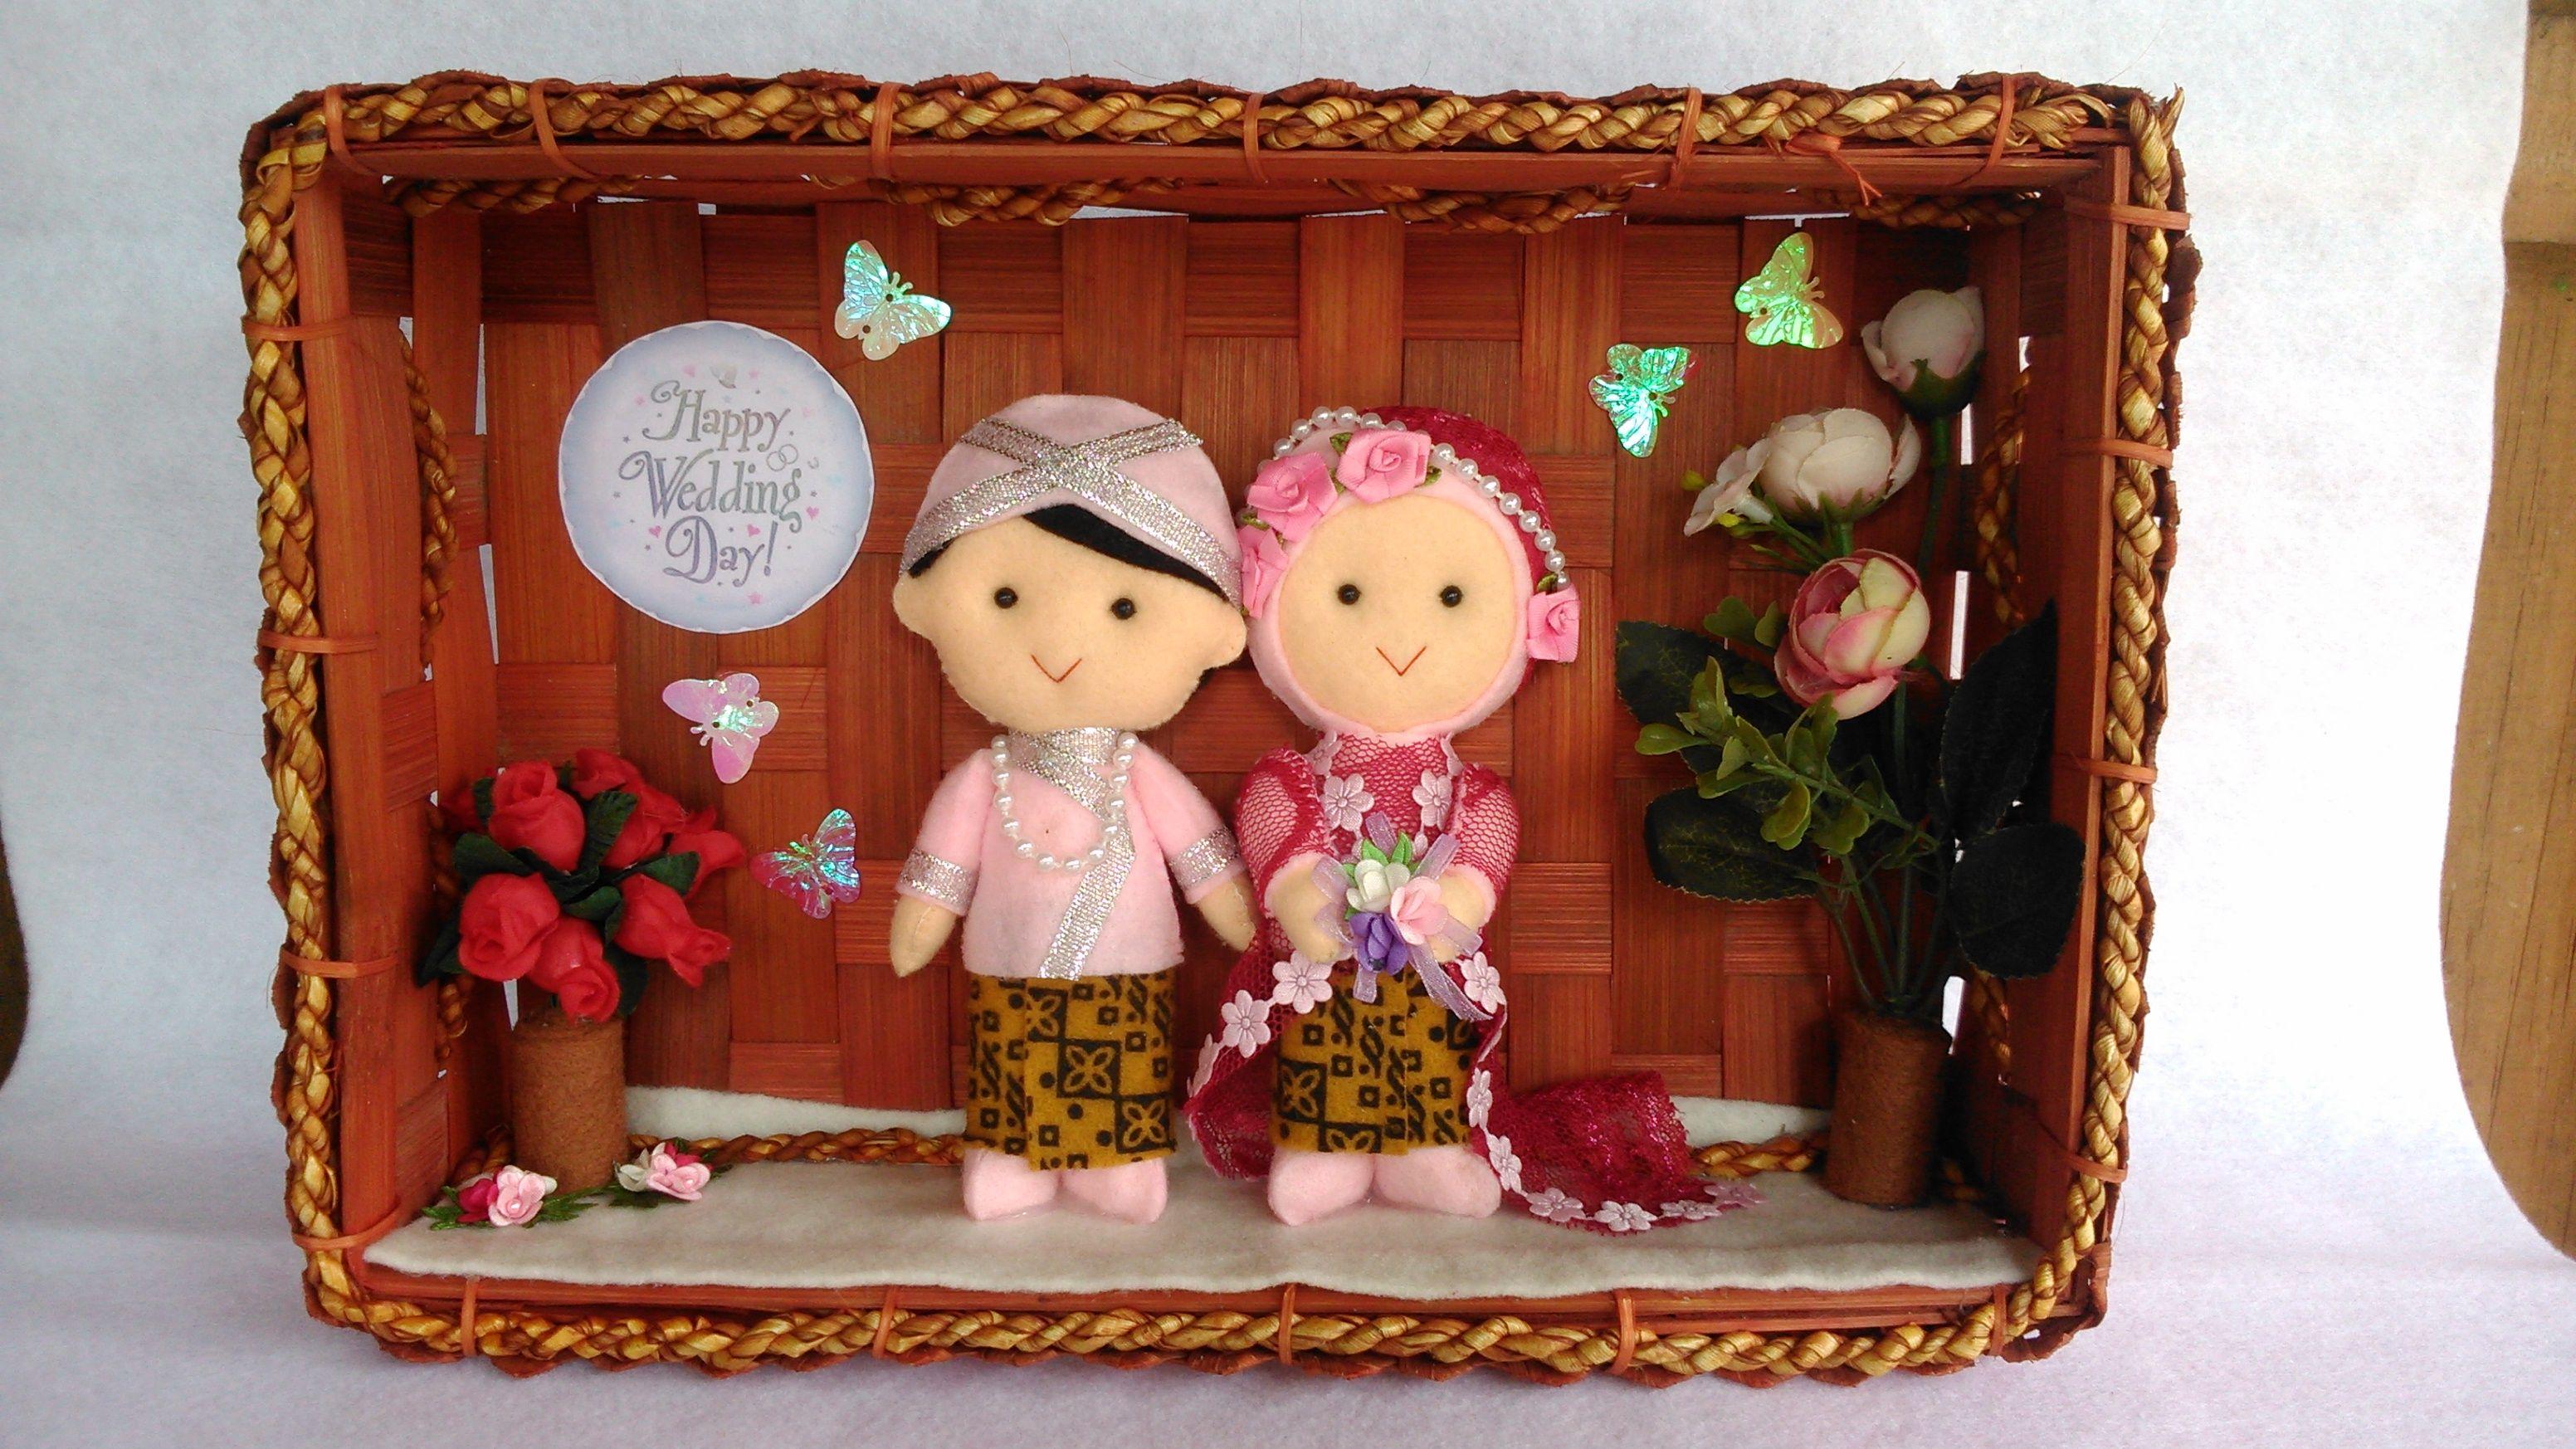 boneka pengantin dari flanel menggunakan bingkai keranjang anyaman bambu